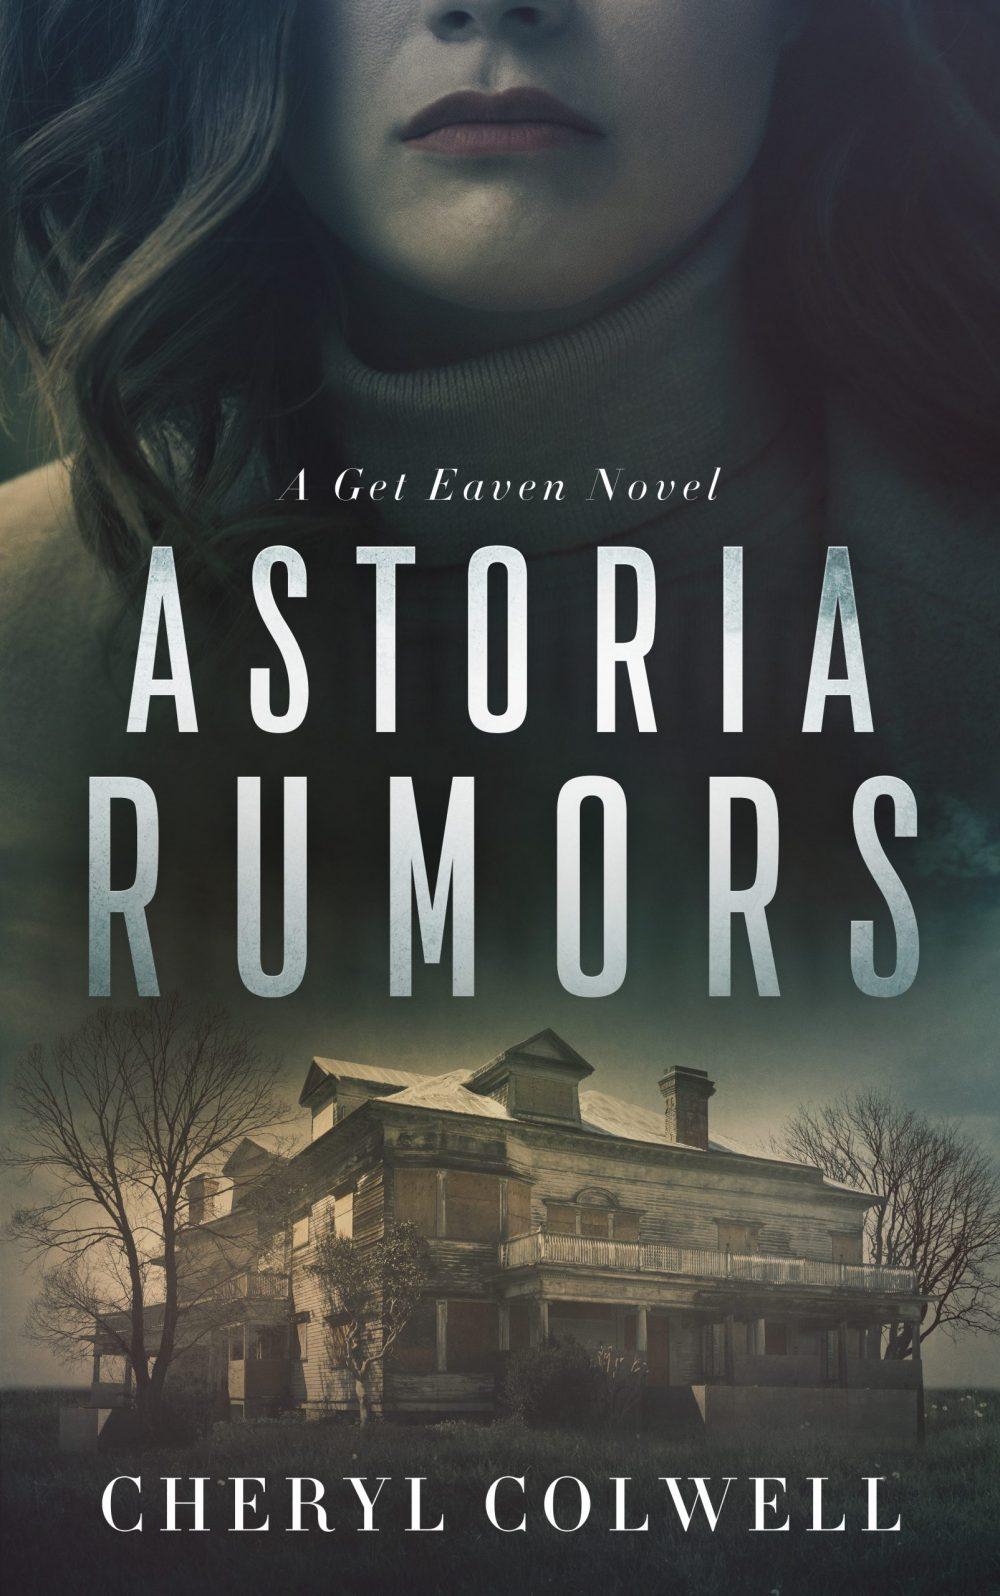 Astoria Rumors